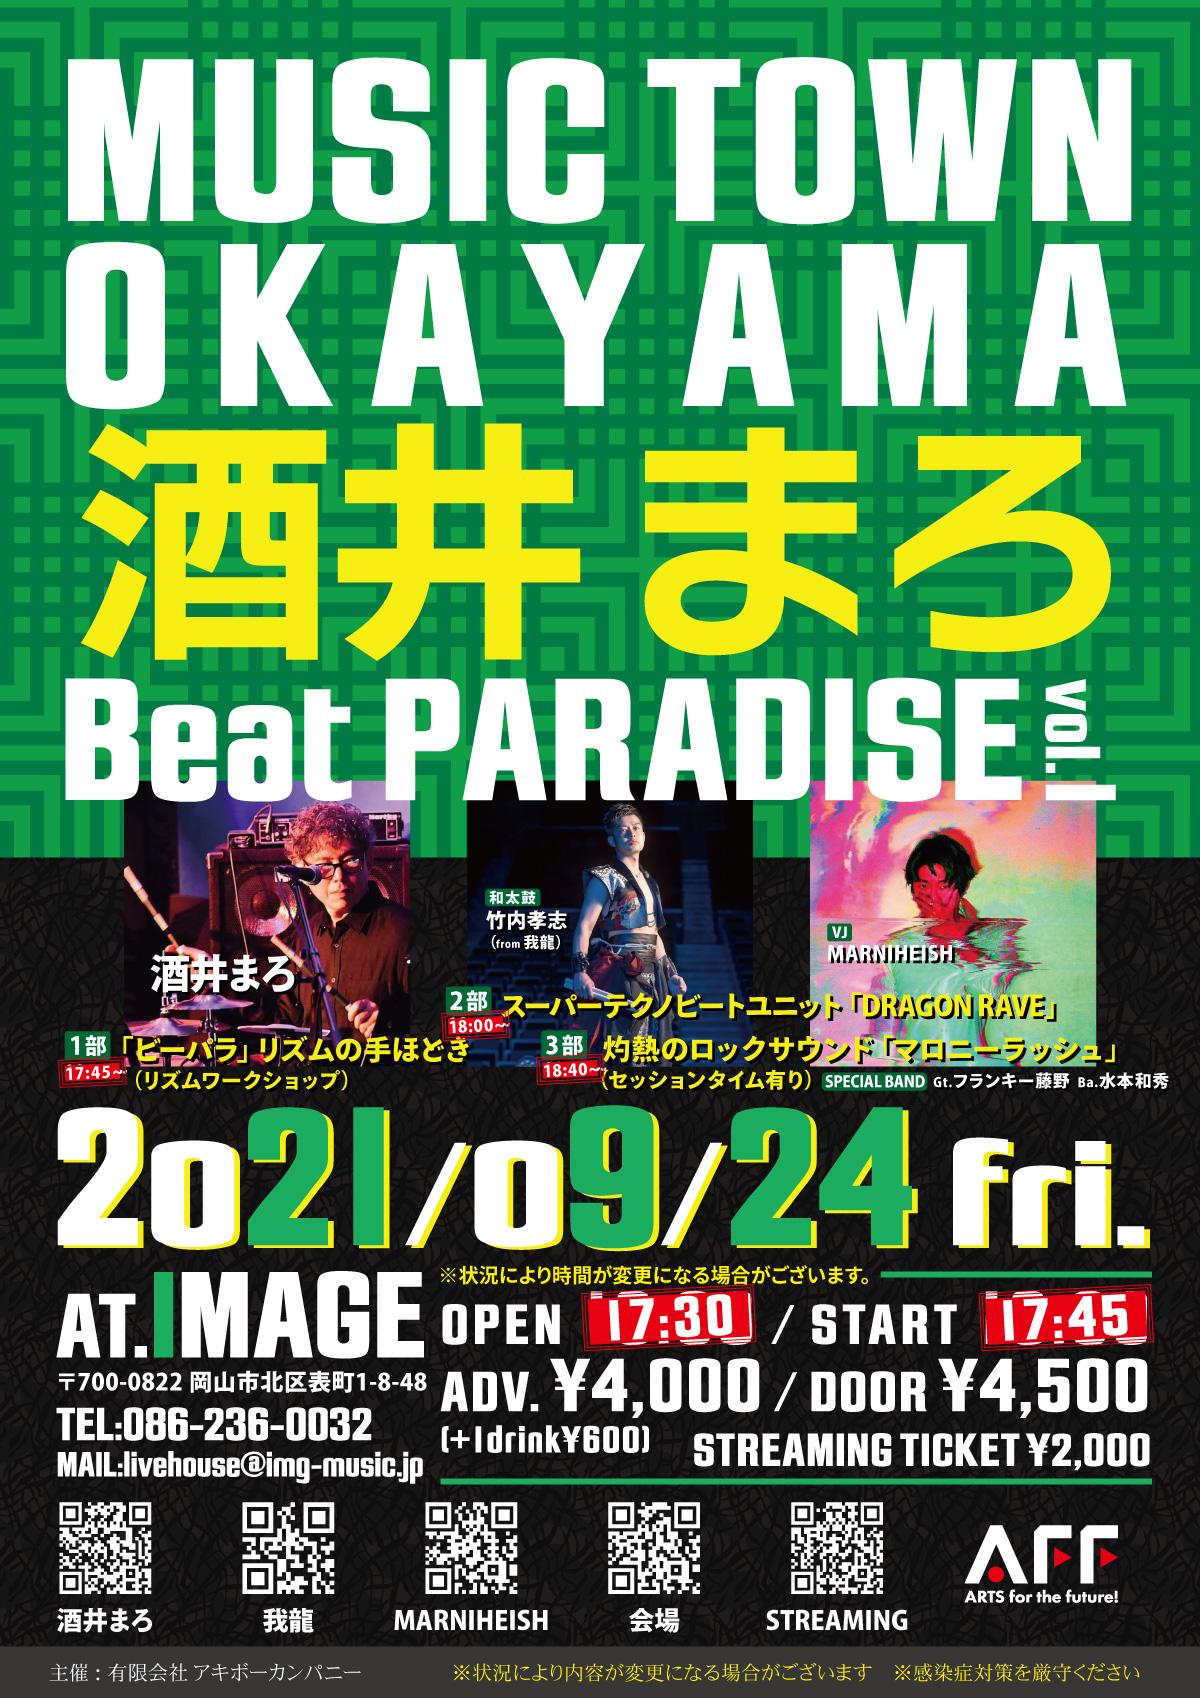 MUSIC TOWN OKAYAMA 酒井まろ BEAT PARADISE